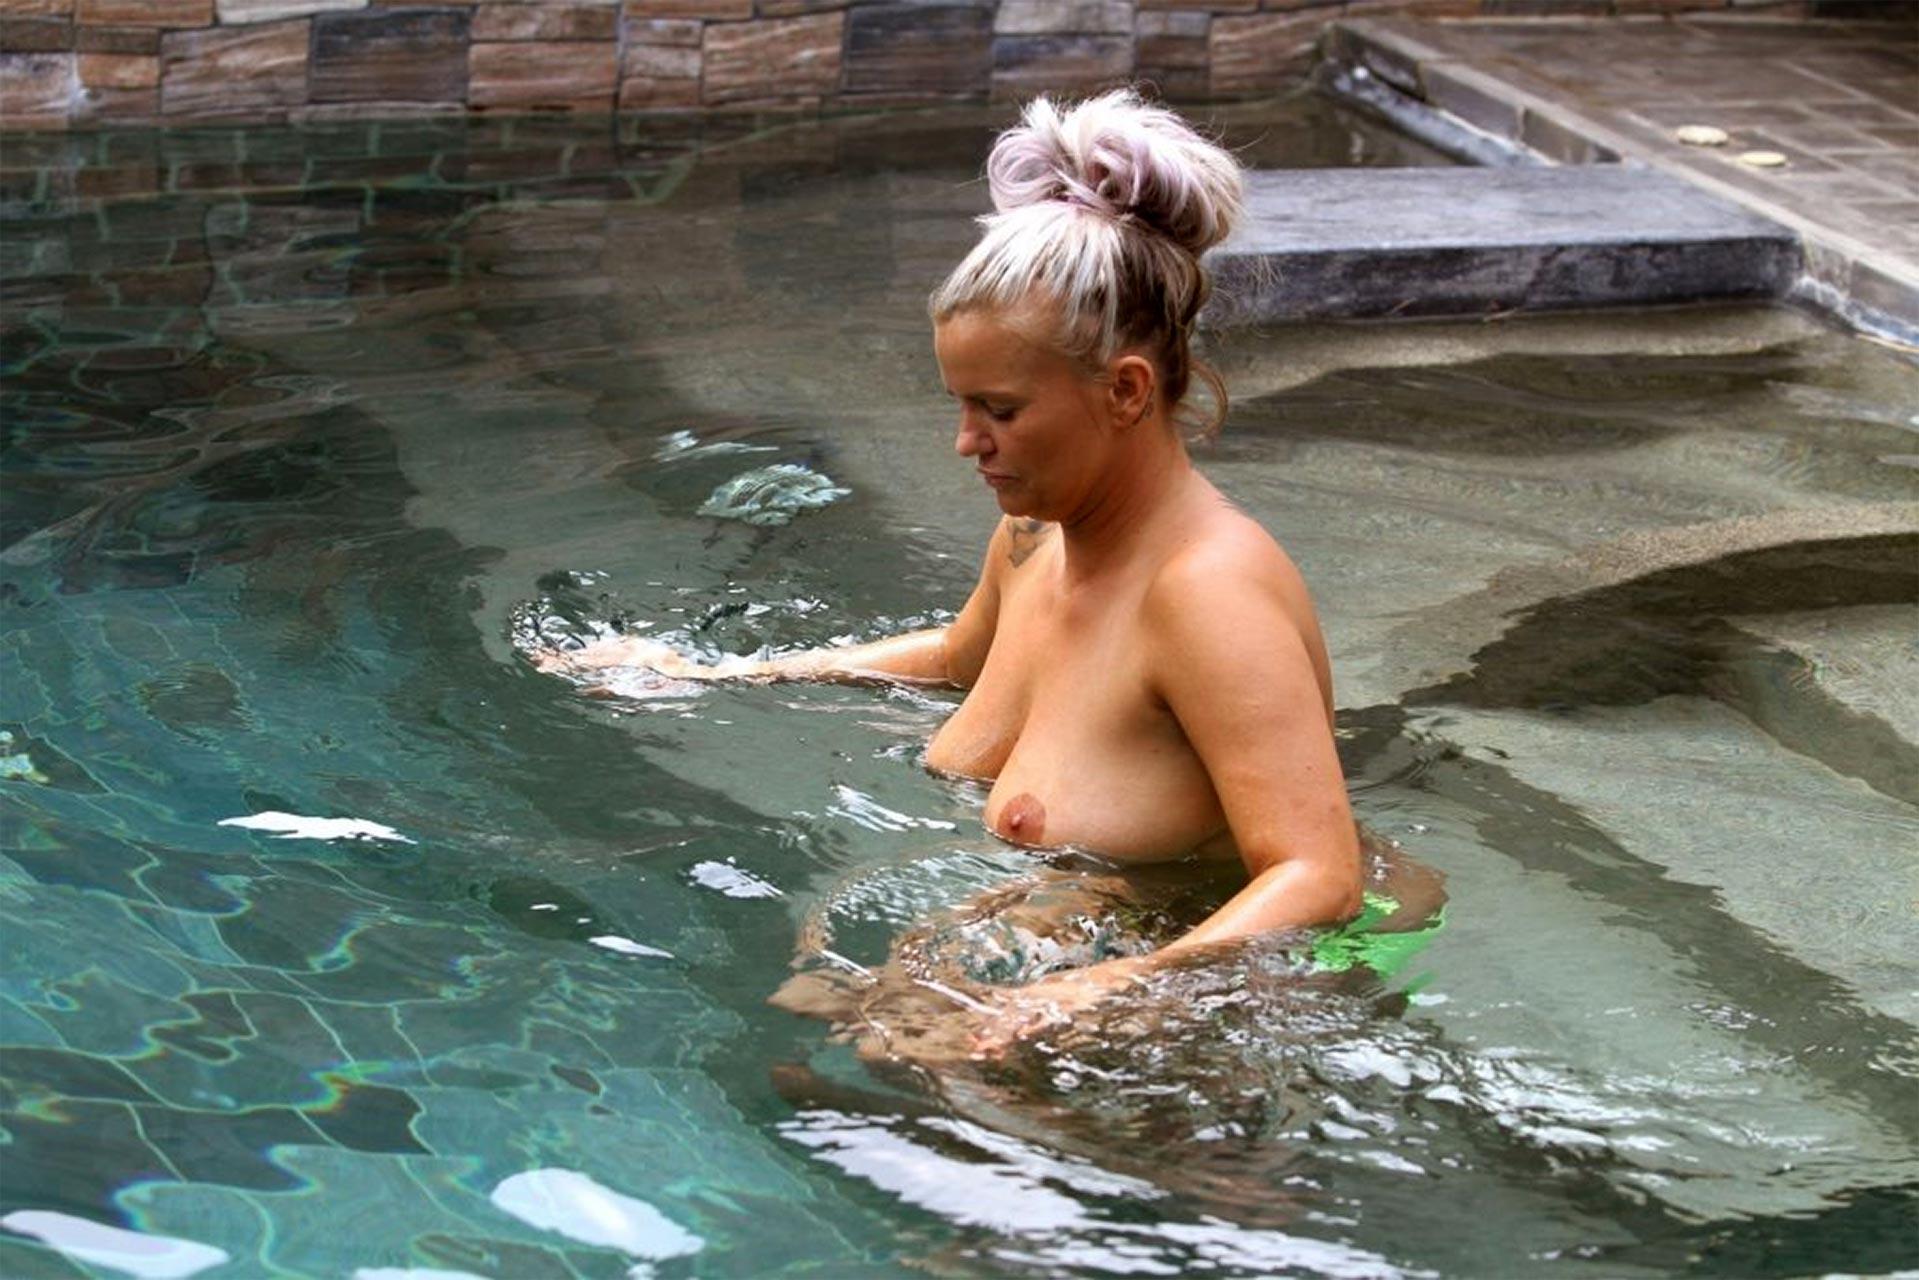 Nicki minaj boob - 3 4